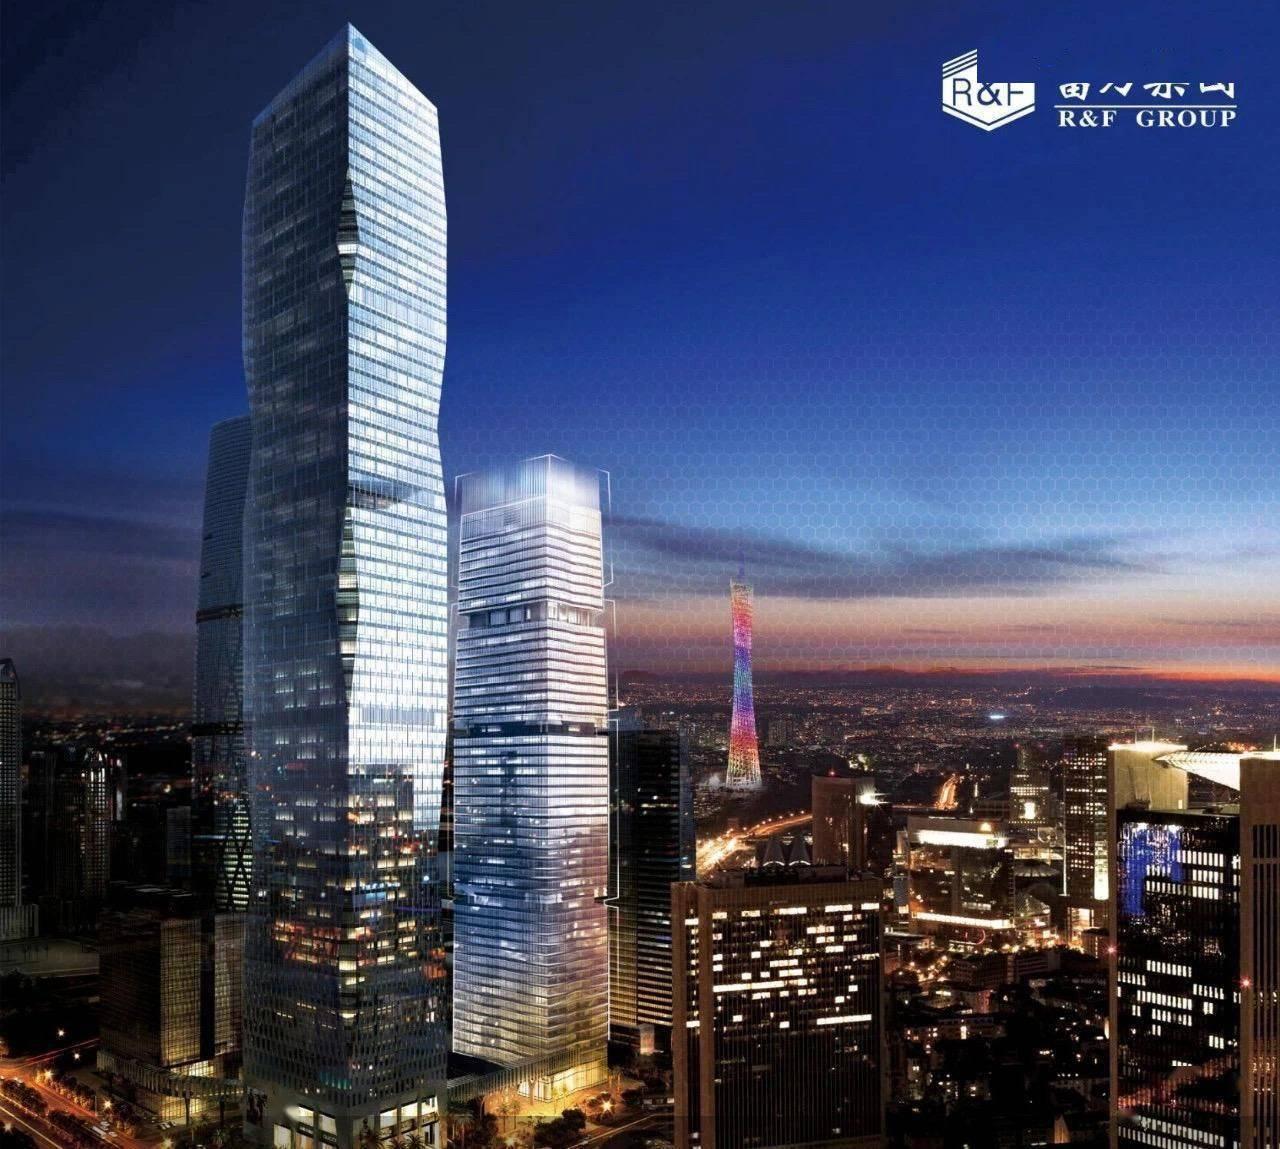 富力地产发布2020年报:协议销售达人民币1,387.9亿元